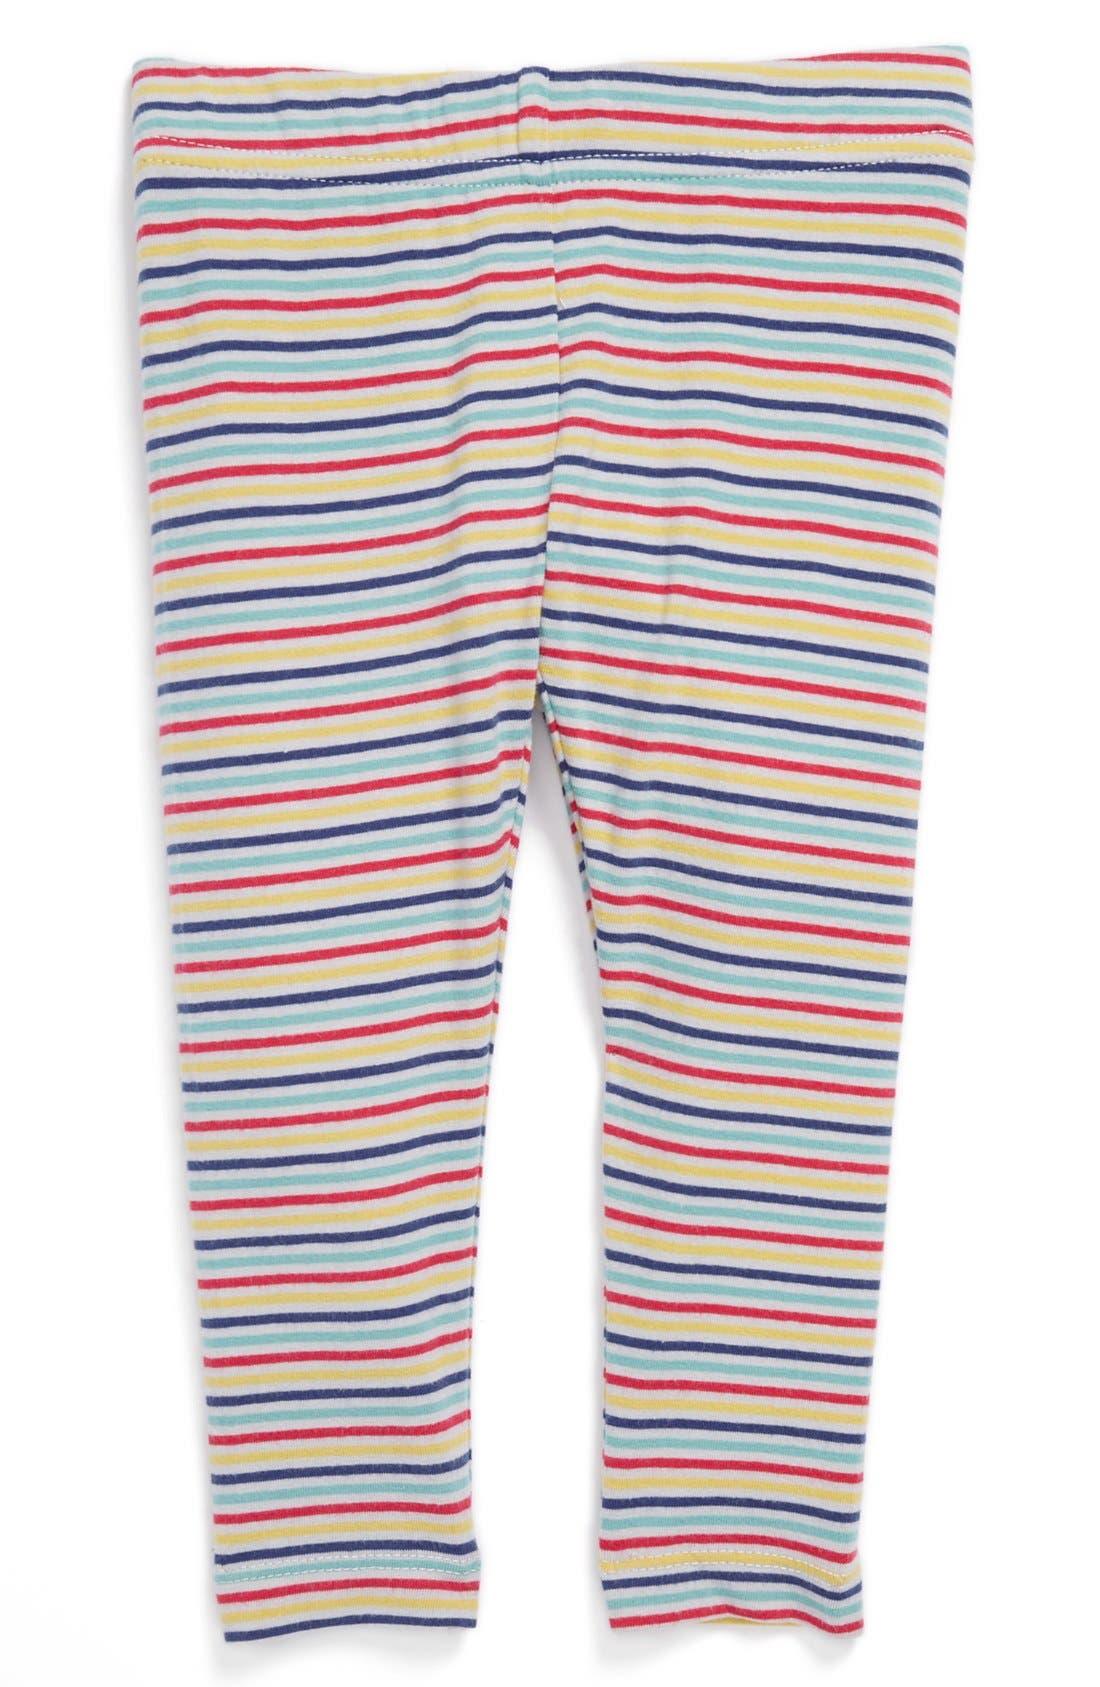 Alternate Image 1 Selected - Tucker + Tate 'Core' Stripe Leggings (Infant)